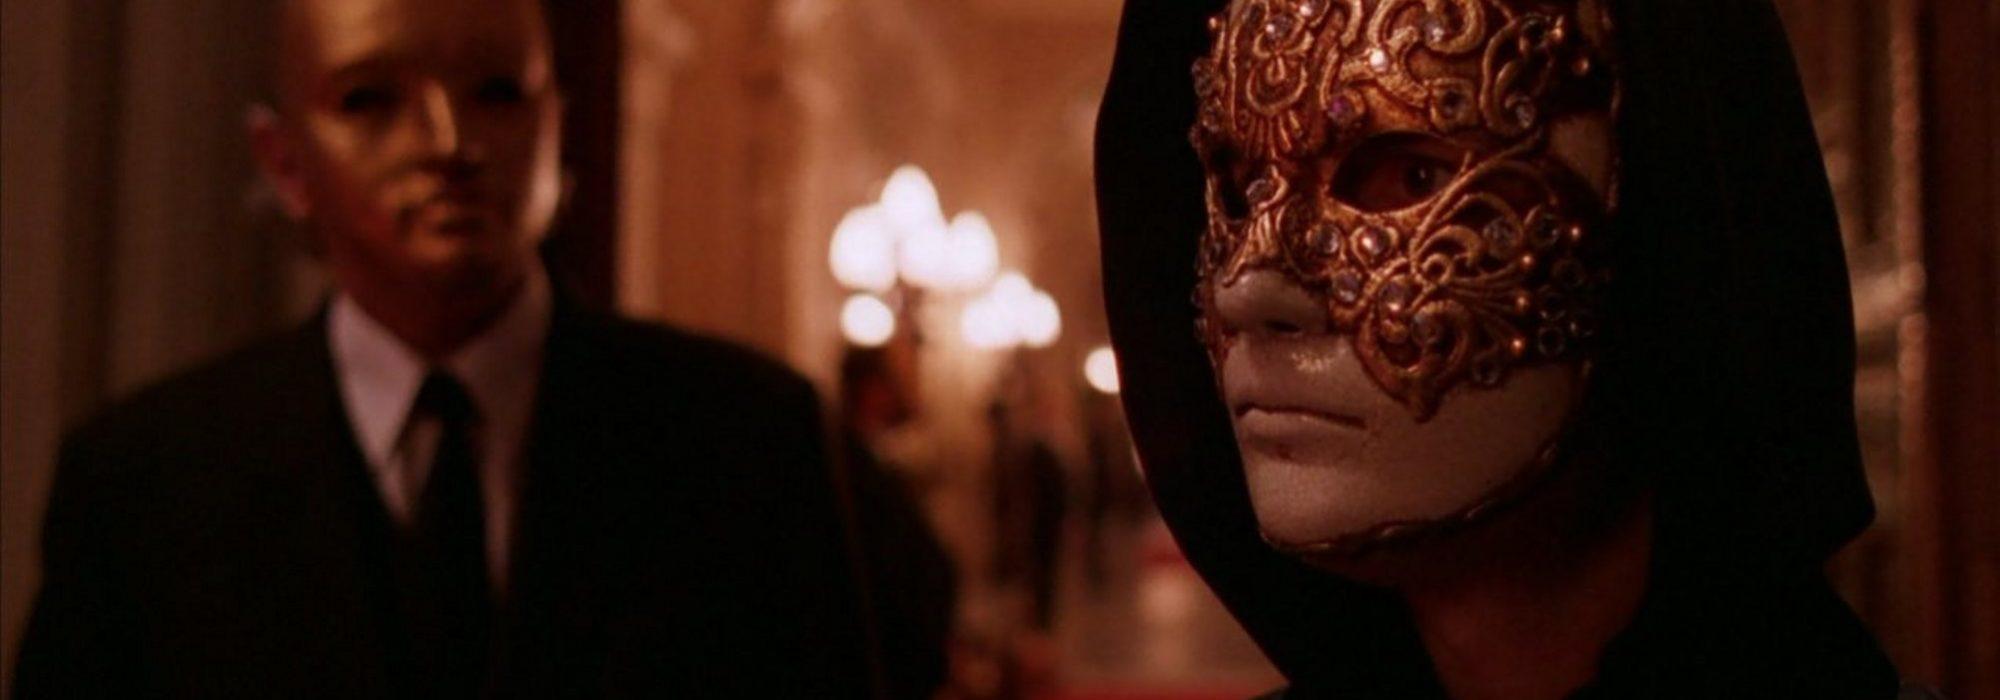 Imagem: cena do filme De Olhos Bem Fechados